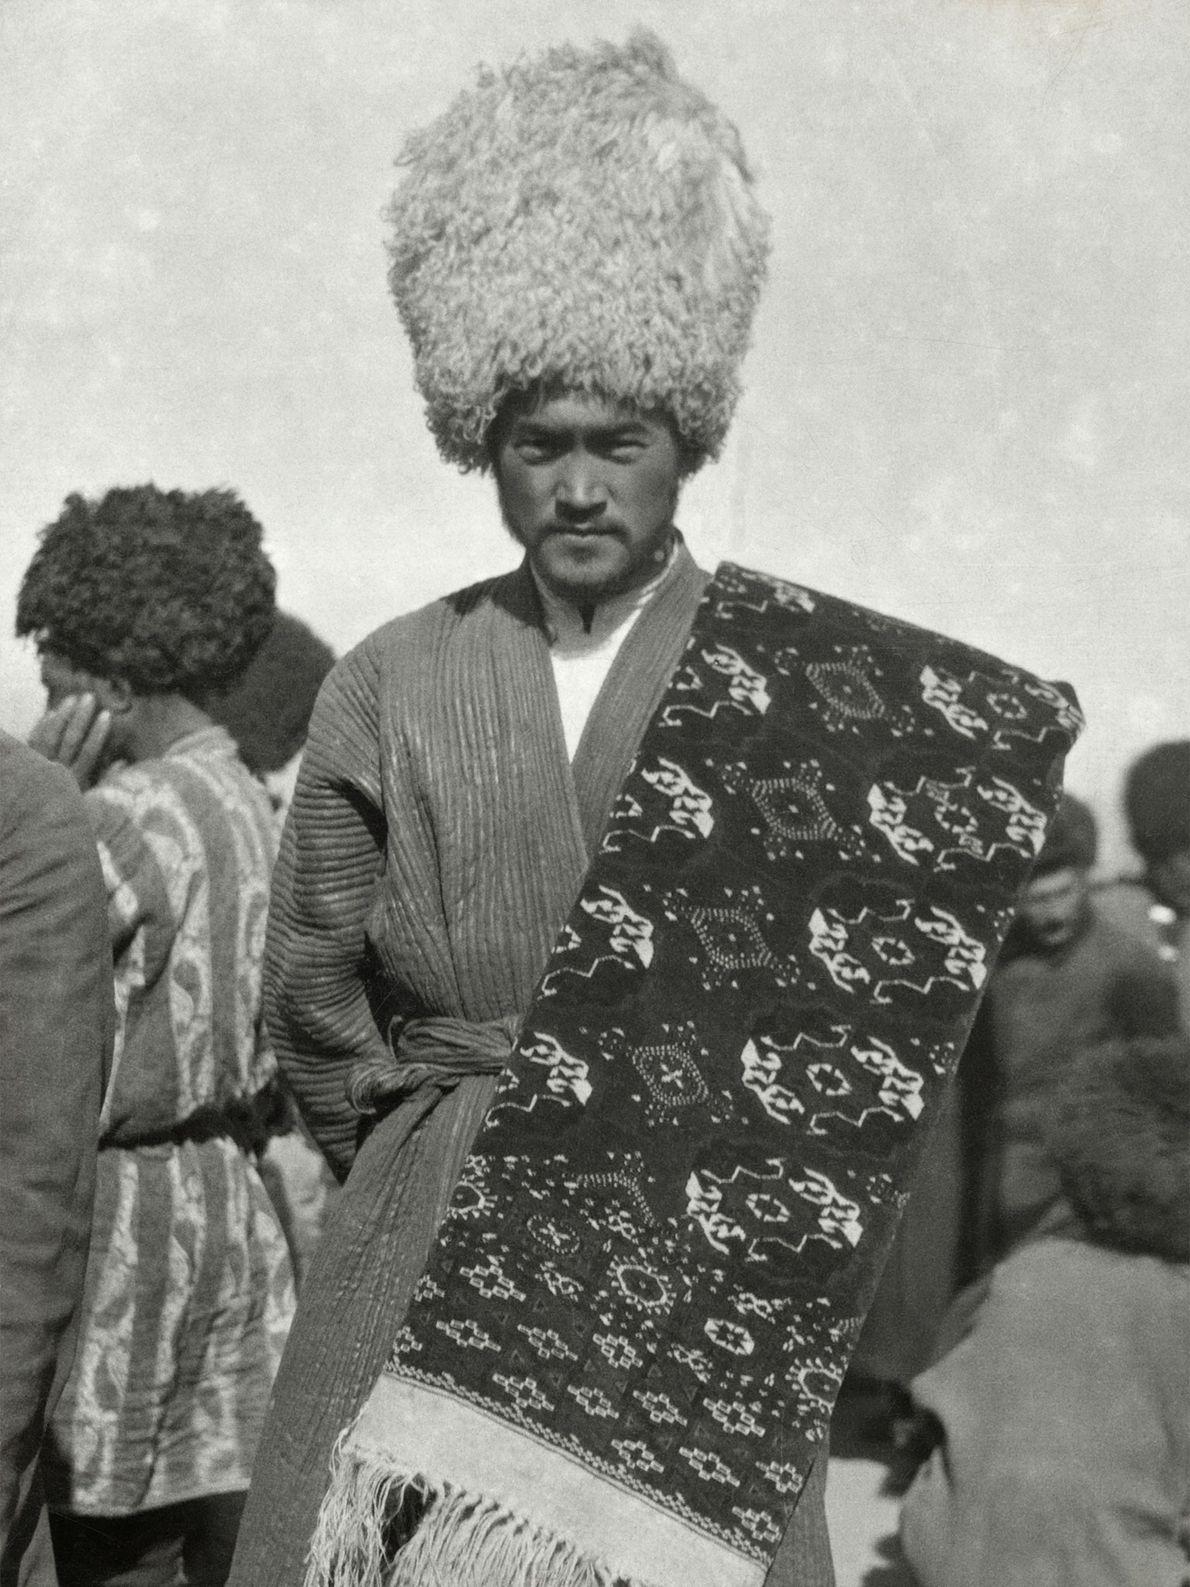 Ein Teppichhändler aus Turkmenistan trägt im frühen 20. Jahrhundert einen Telpek aus Wolle auf dem Kopf. ...